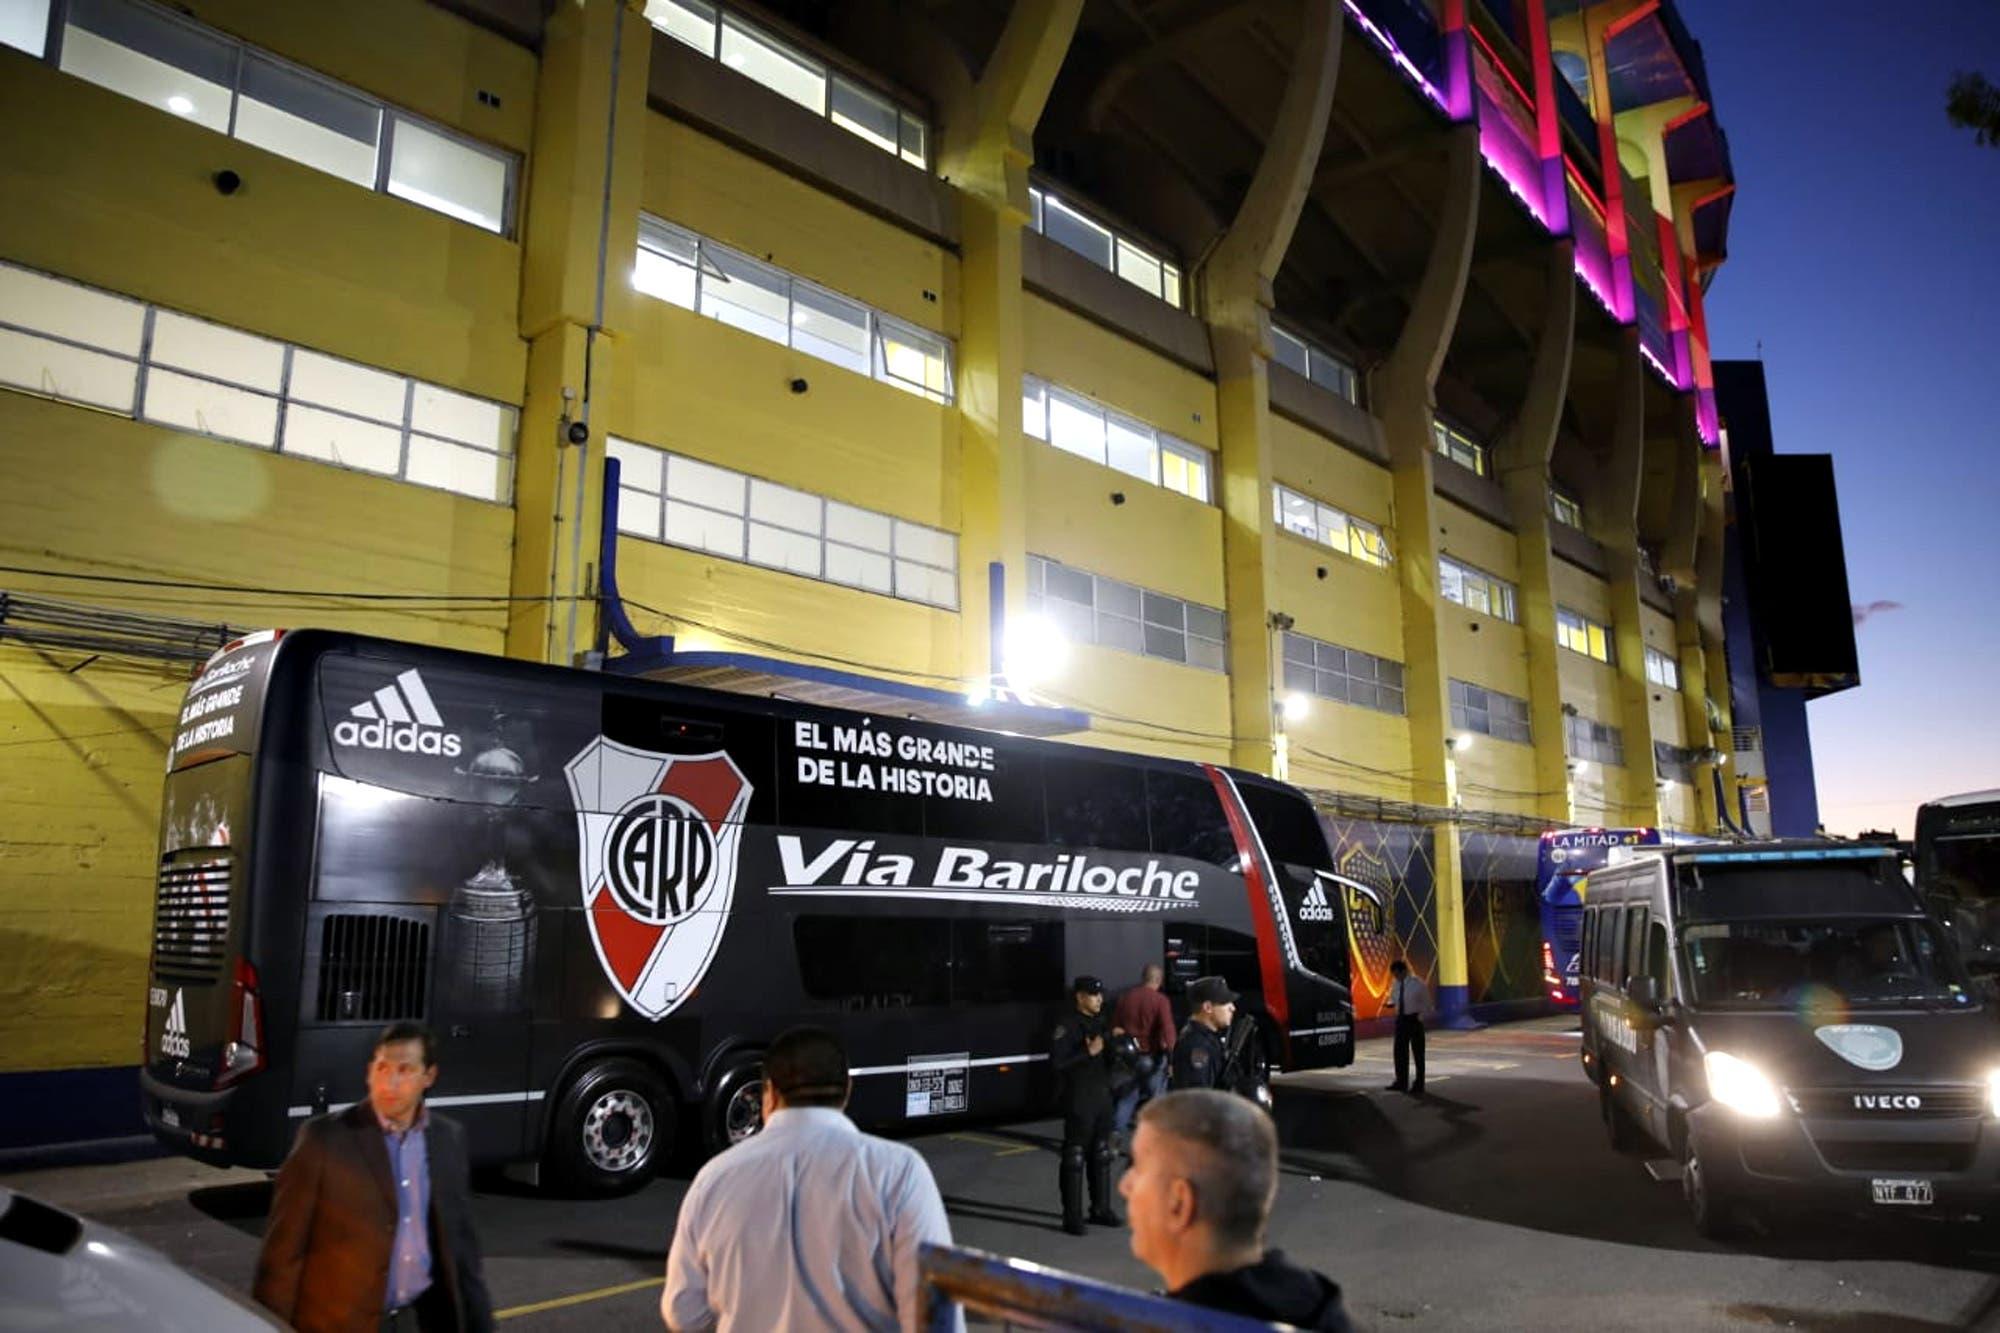 EN VIVO: el minuto a minuto de Boca-River, Tevez, la cinta de capitán y la locura por la llegada del equipo xeneize